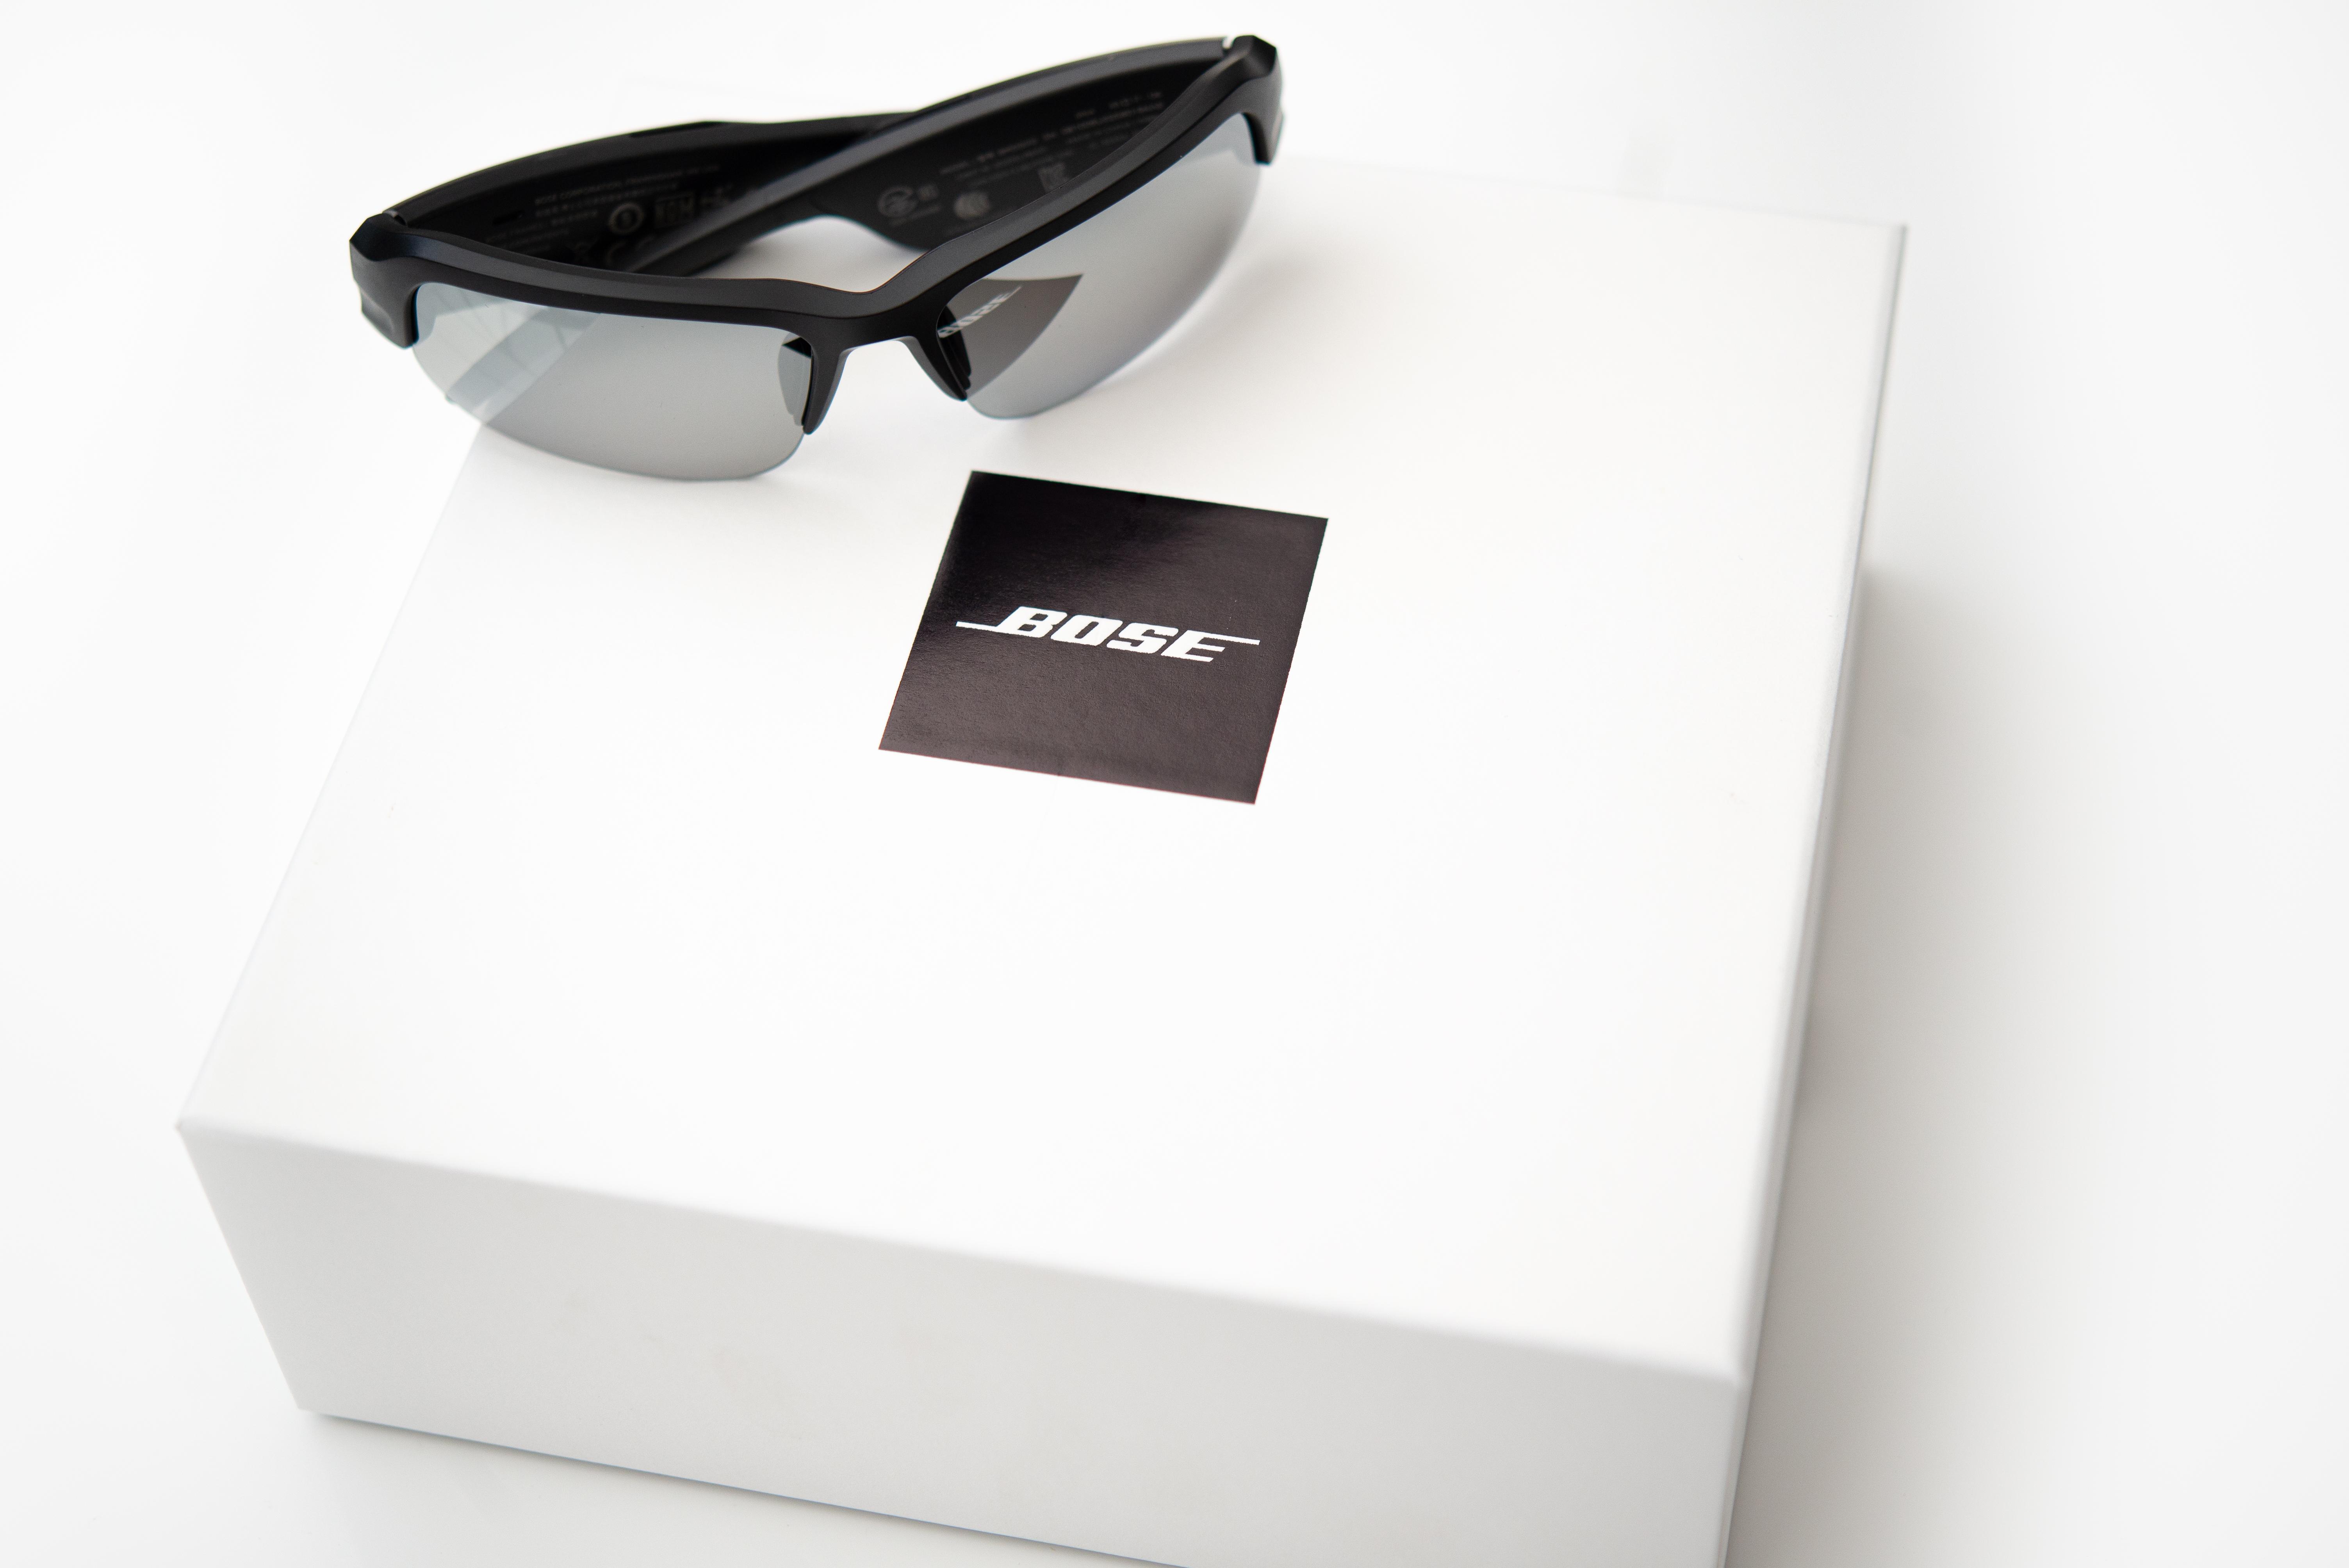 Bose - Premium Packaging